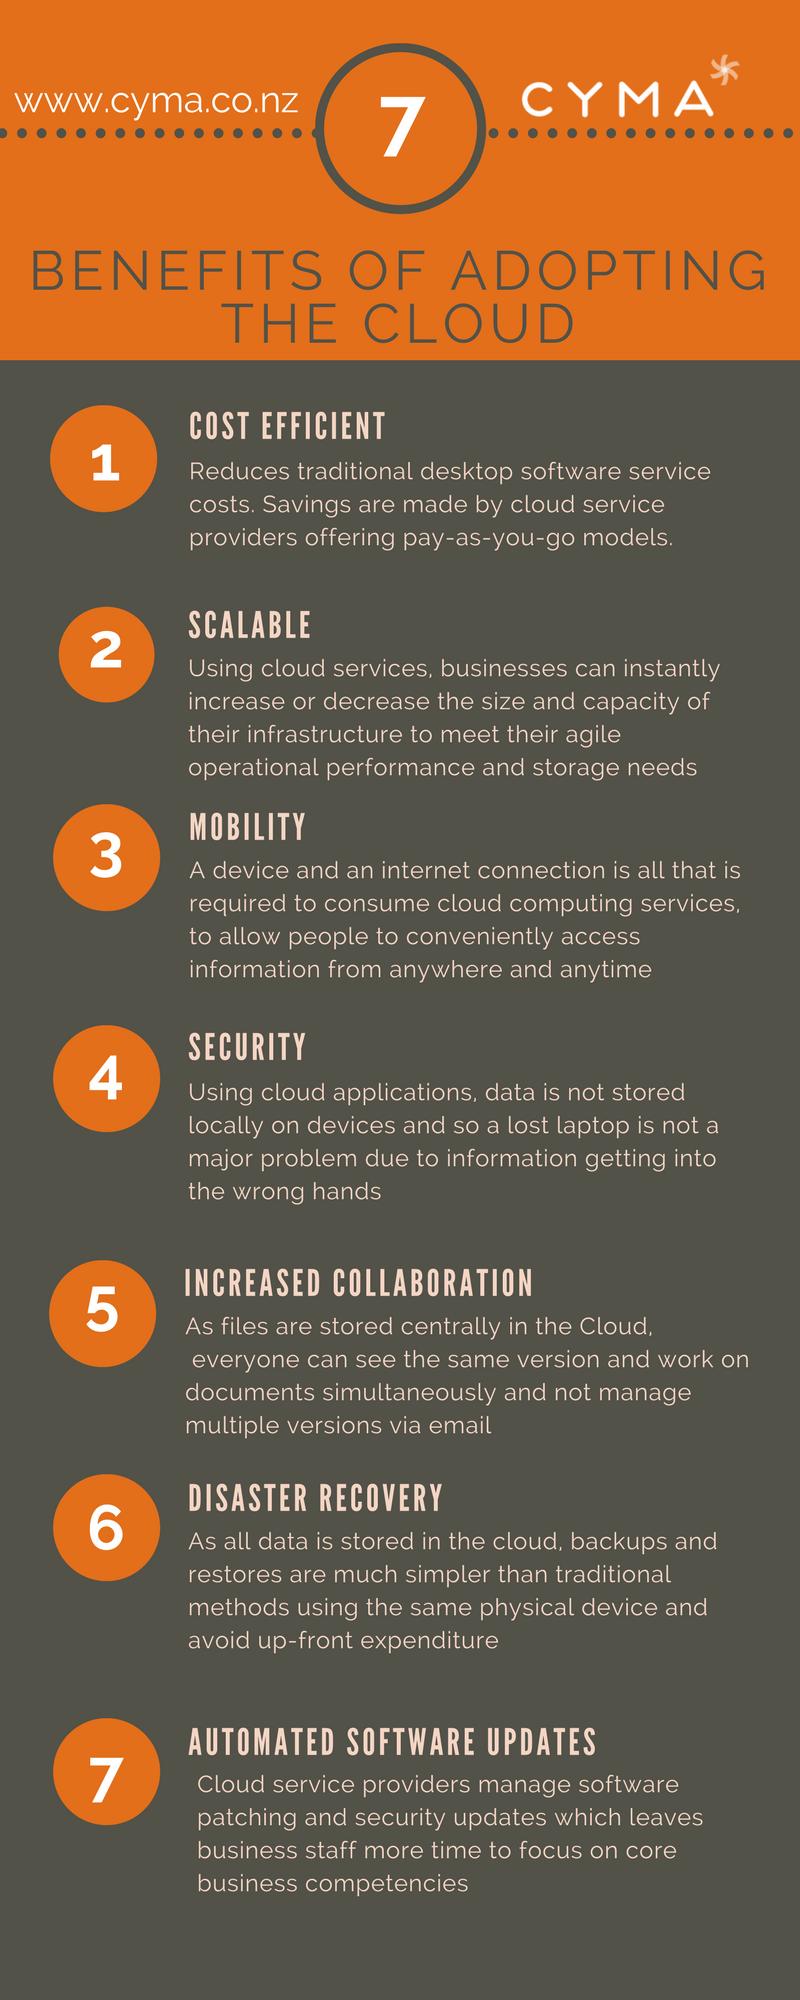 Top Benefits To Adopting Cloud